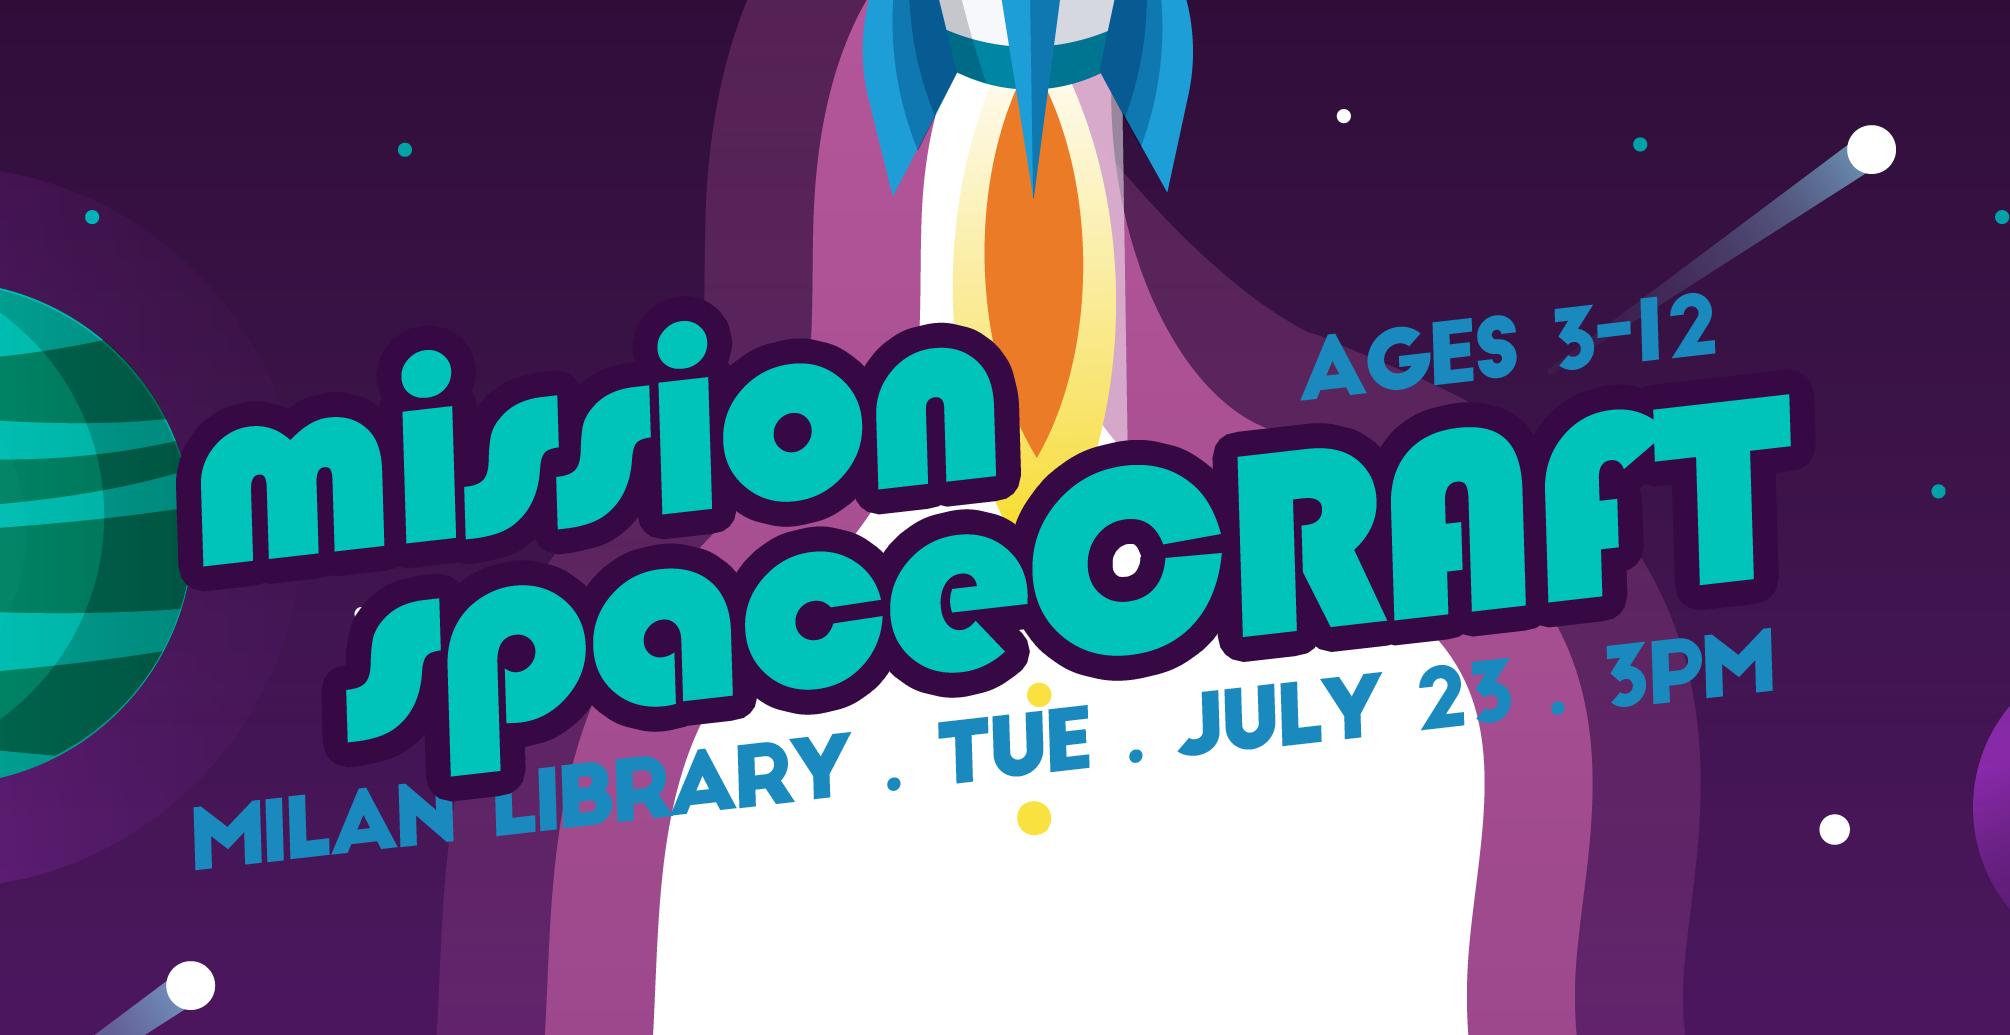 2019-07-CHILDRENS-Milan-Mission-SpaceCRAFT-2-Slide